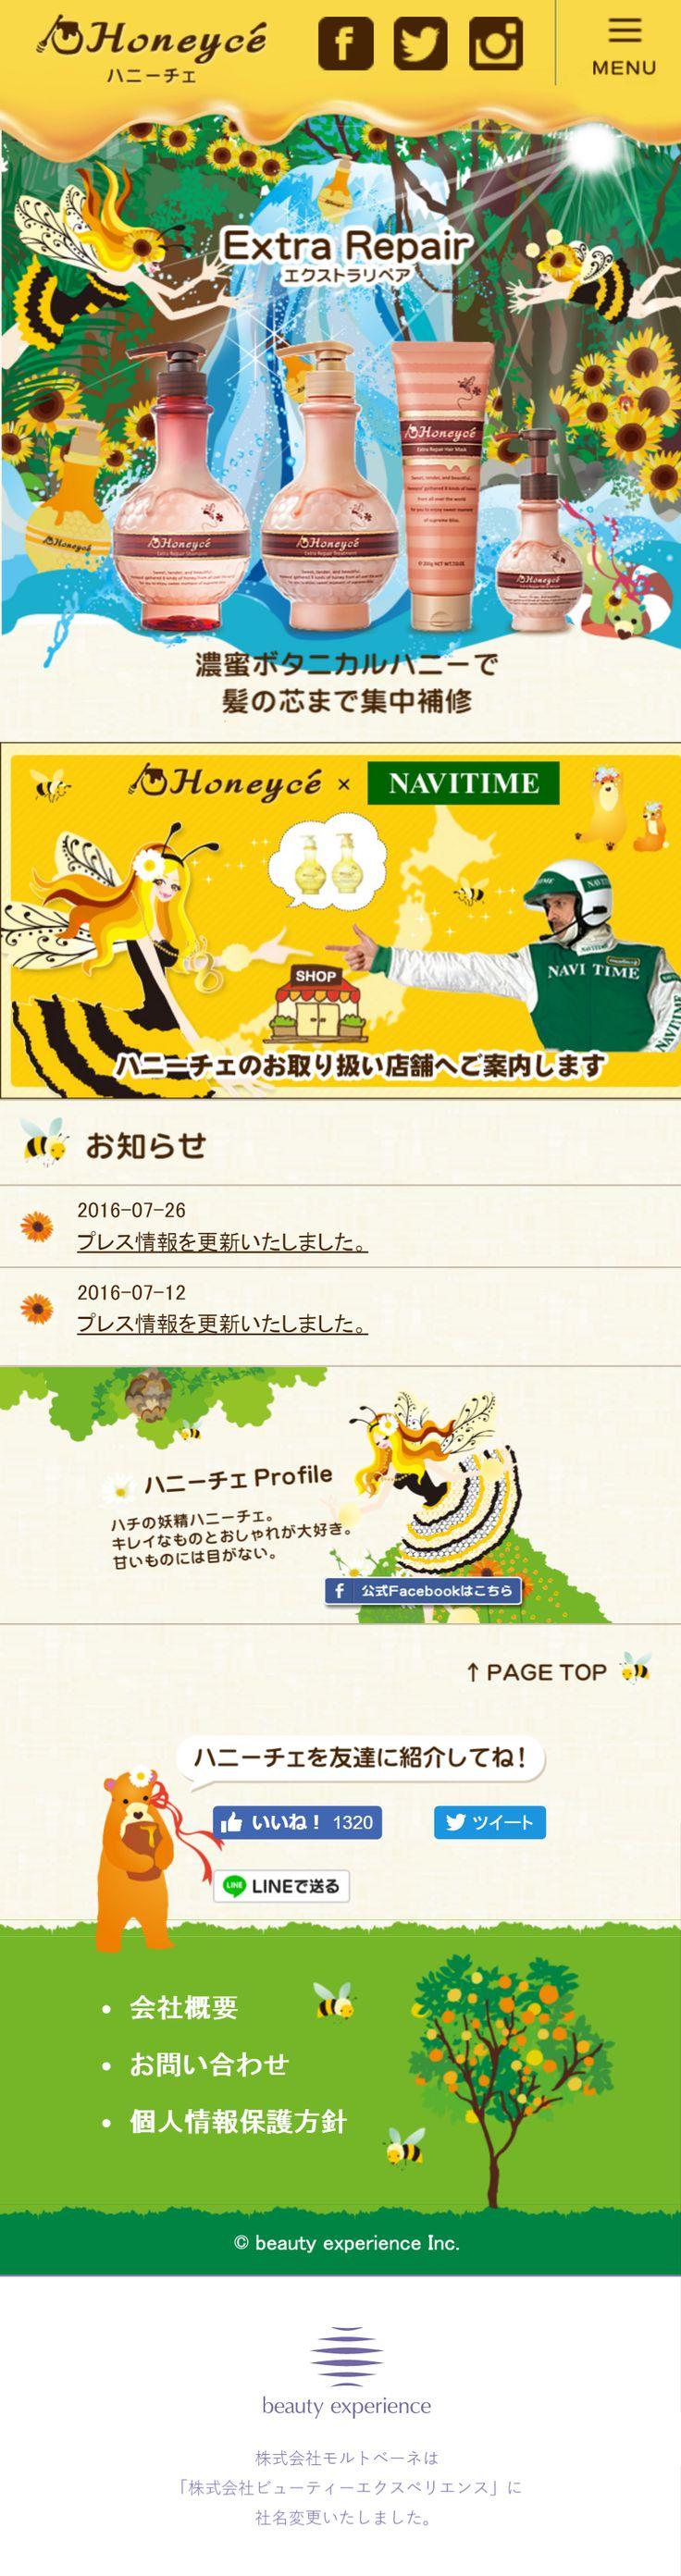 ポップアップとヘッダーデザイン  Honeyce'(ハニーチェ)